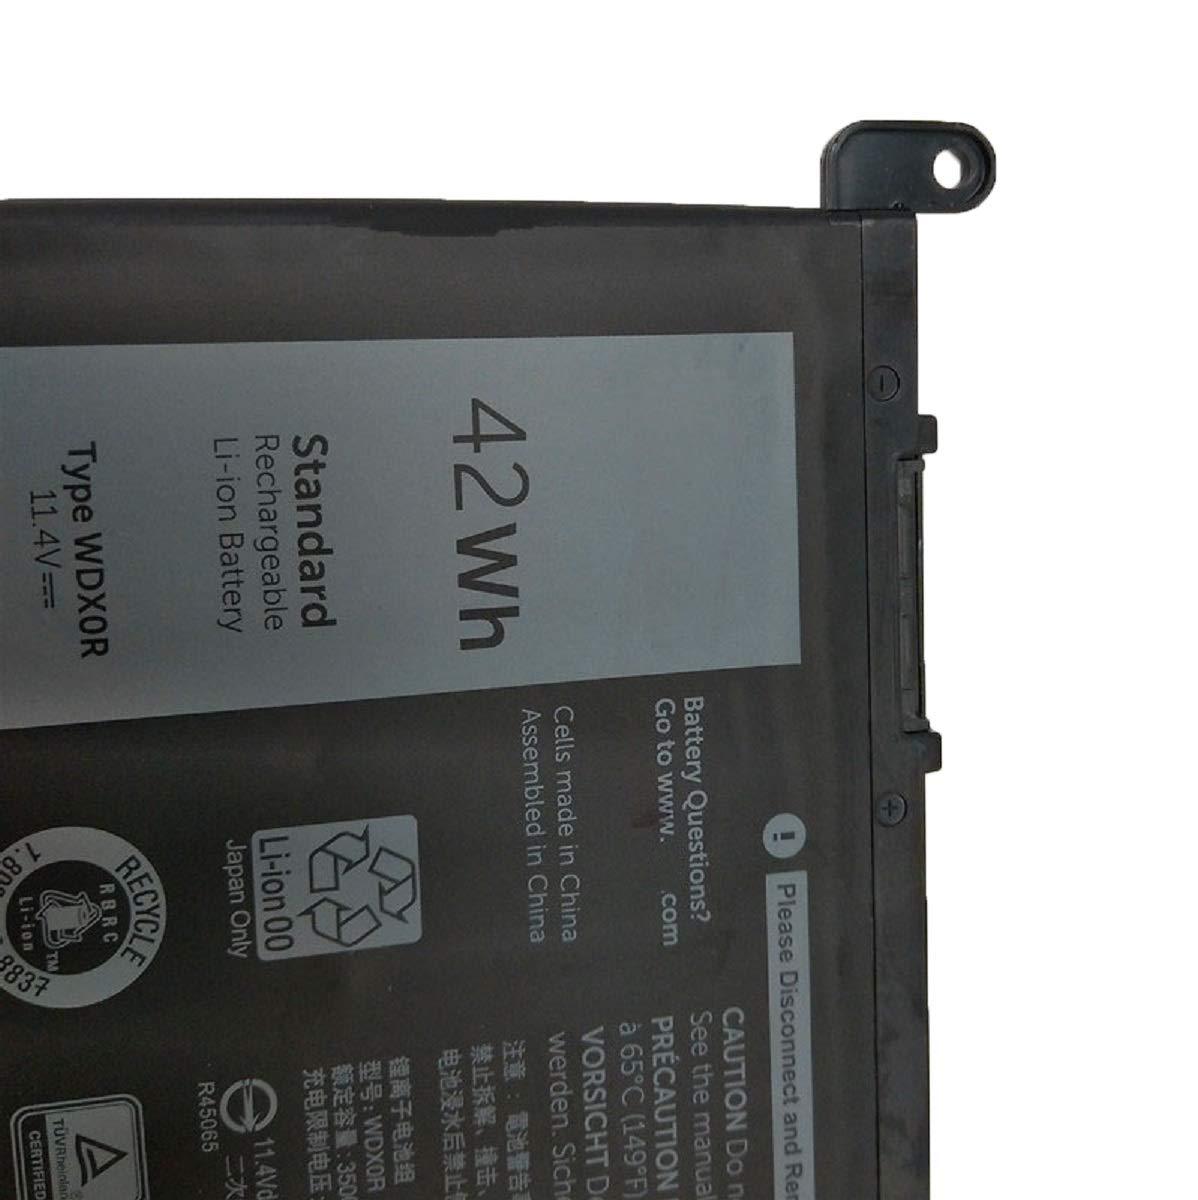 Dentsing 42Wh WDX0R Laptop Battery For DELL Inspiron 15 5568 7560 5567 / 13 7368 Series / Inspiron 13 5378 14-7460 / Dell Inspiron 17-5770 Inspiron 13 5379 Inspiron 15 7570 WDXOR by Dentsing (Image #4)